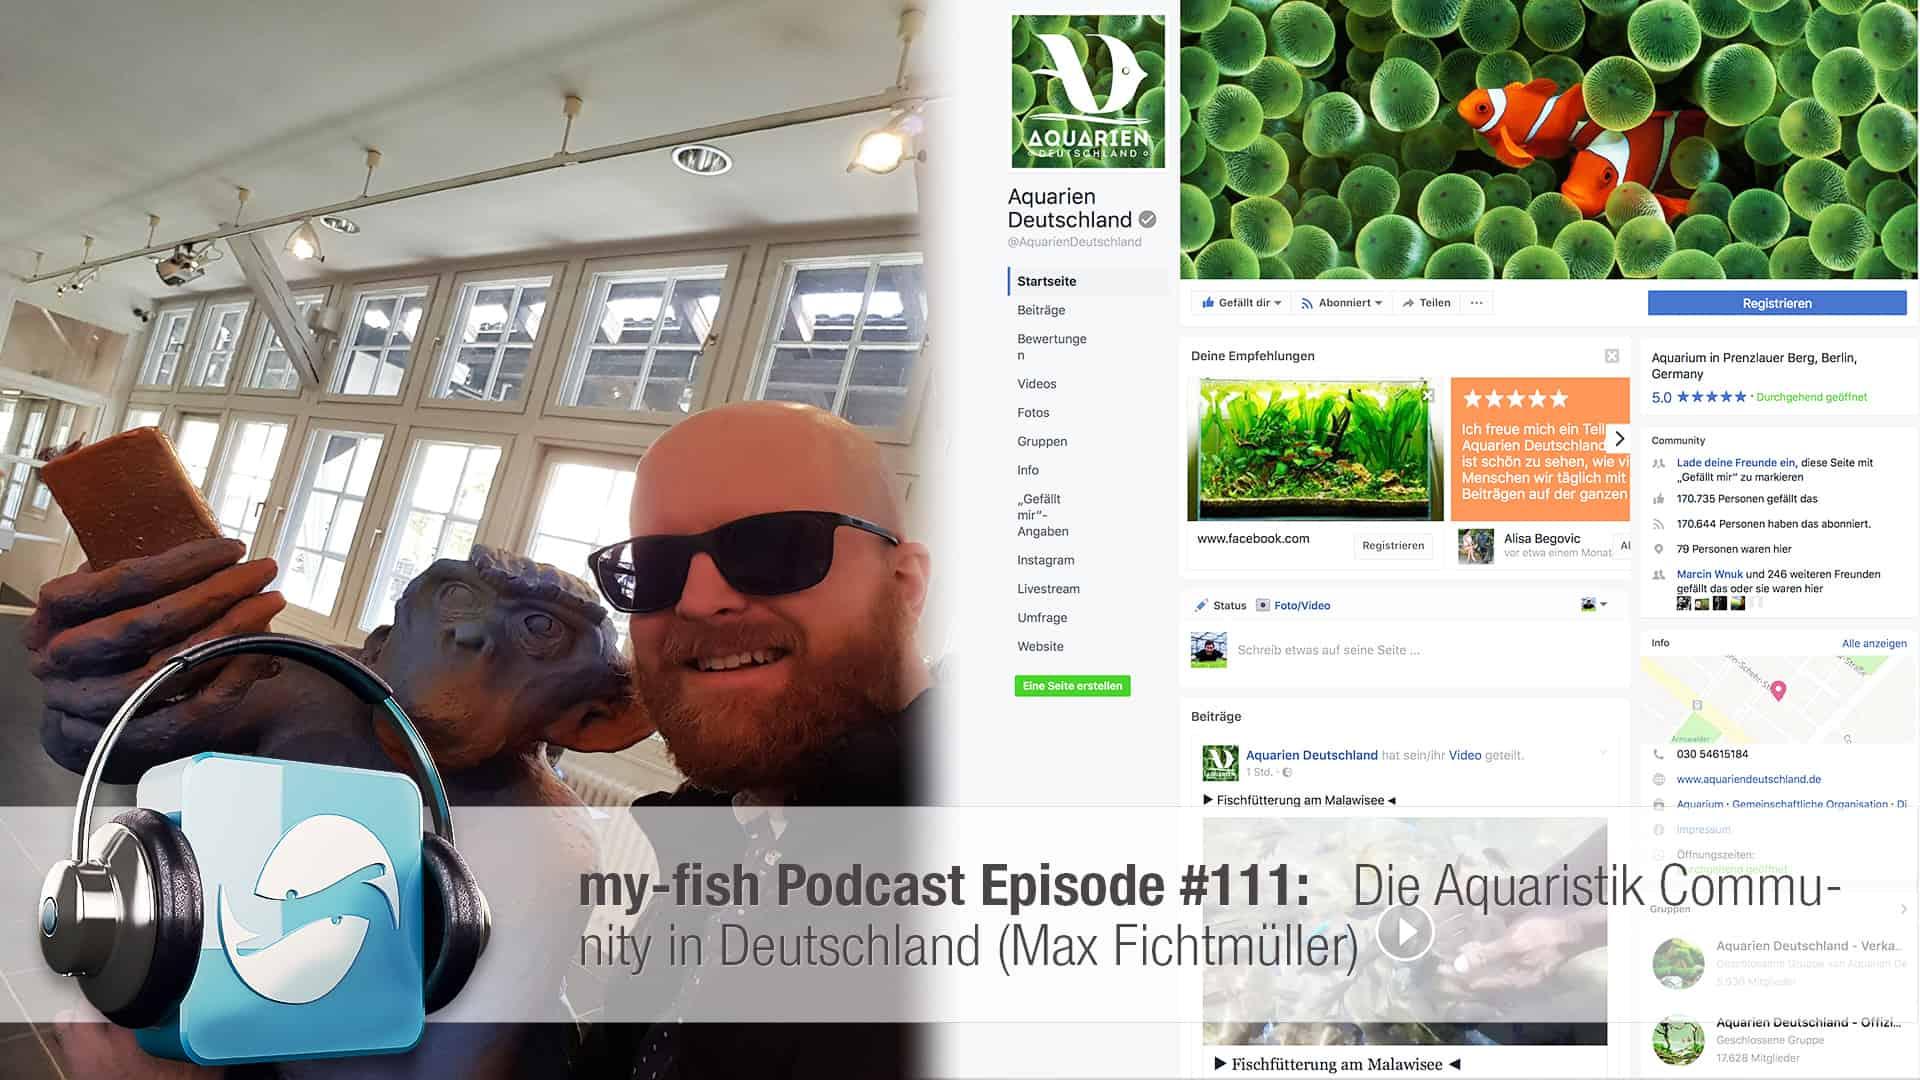 Podcast Episode #111: Die Aquaristik Community in Deutschland (Max Fichtmüller) 1